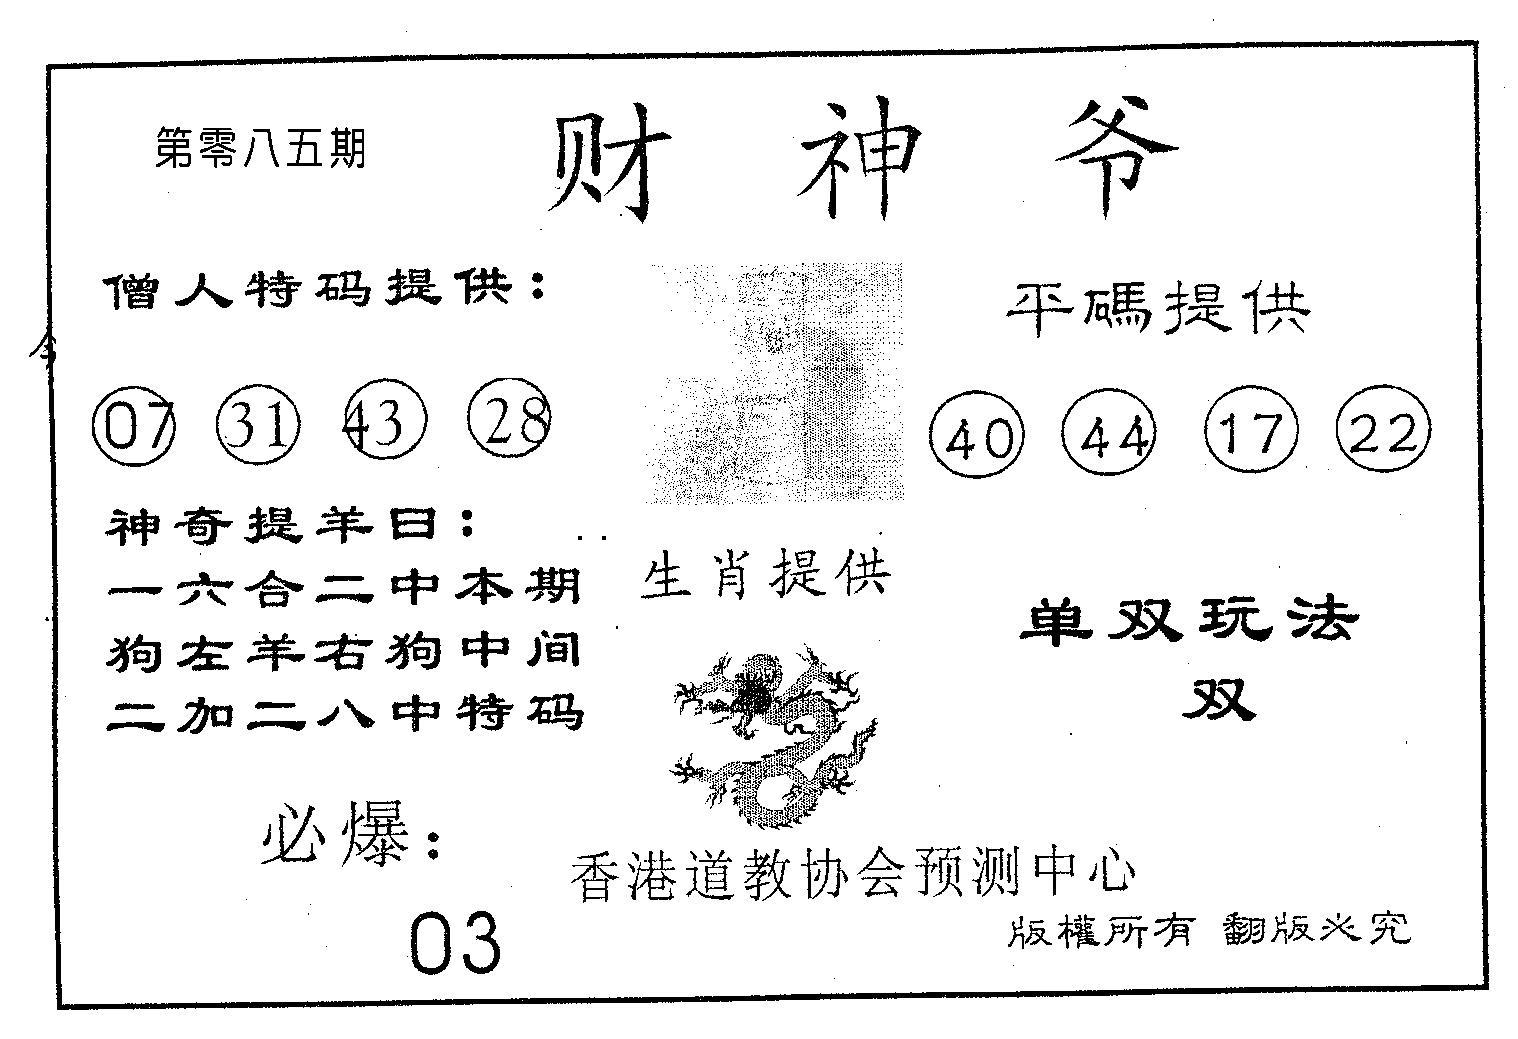 085期财神爷(黑白)